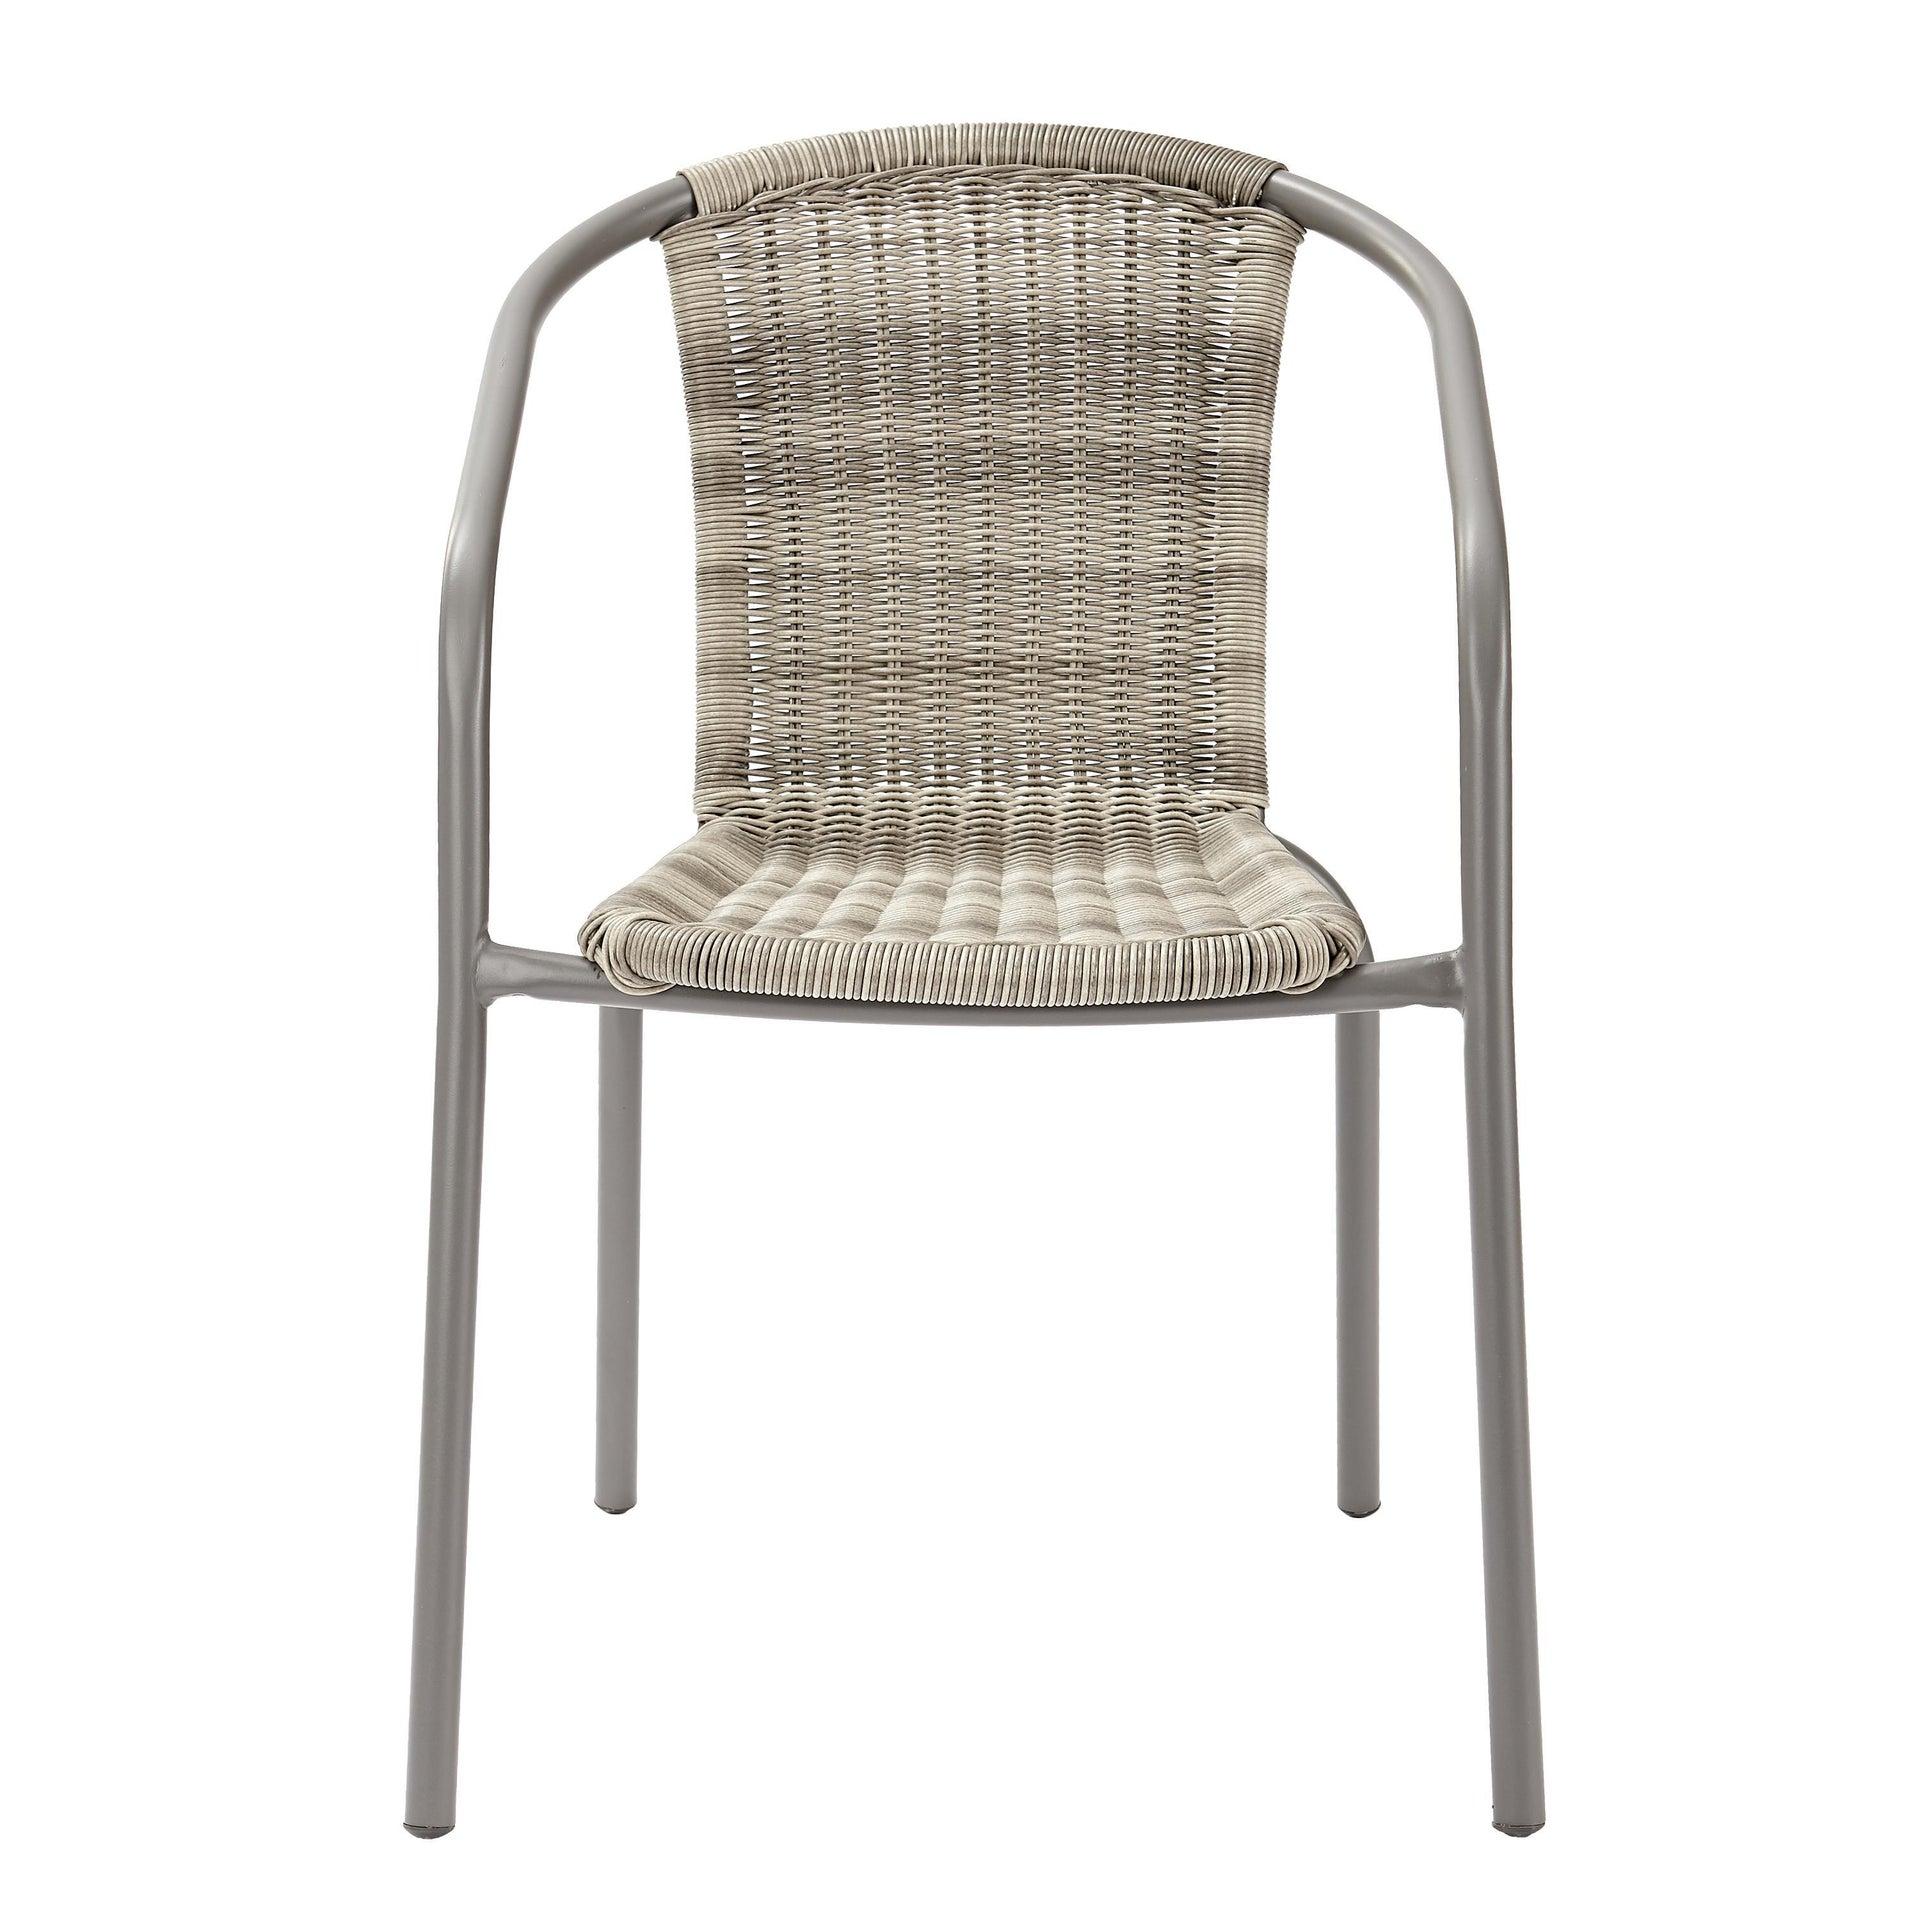 Sedia con braccioli senza cuscino in acciaio Elia colore beige - 8